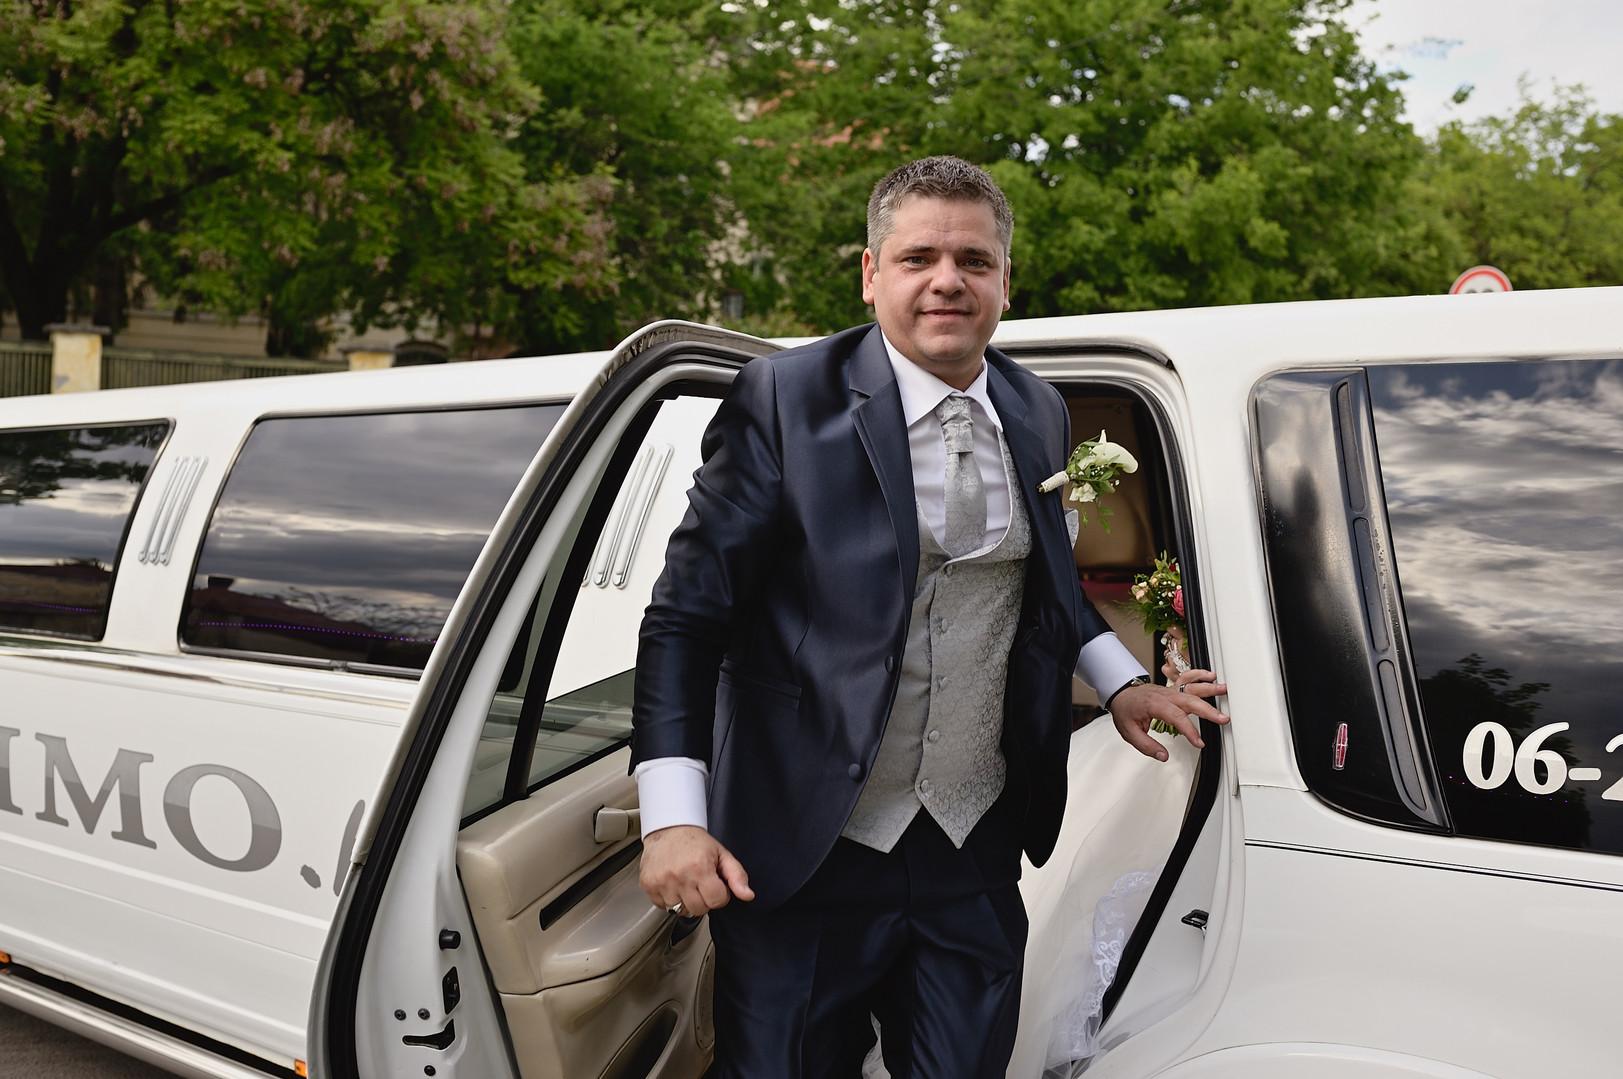 396  Esküvői fotózás - Enikő és Peti KRE